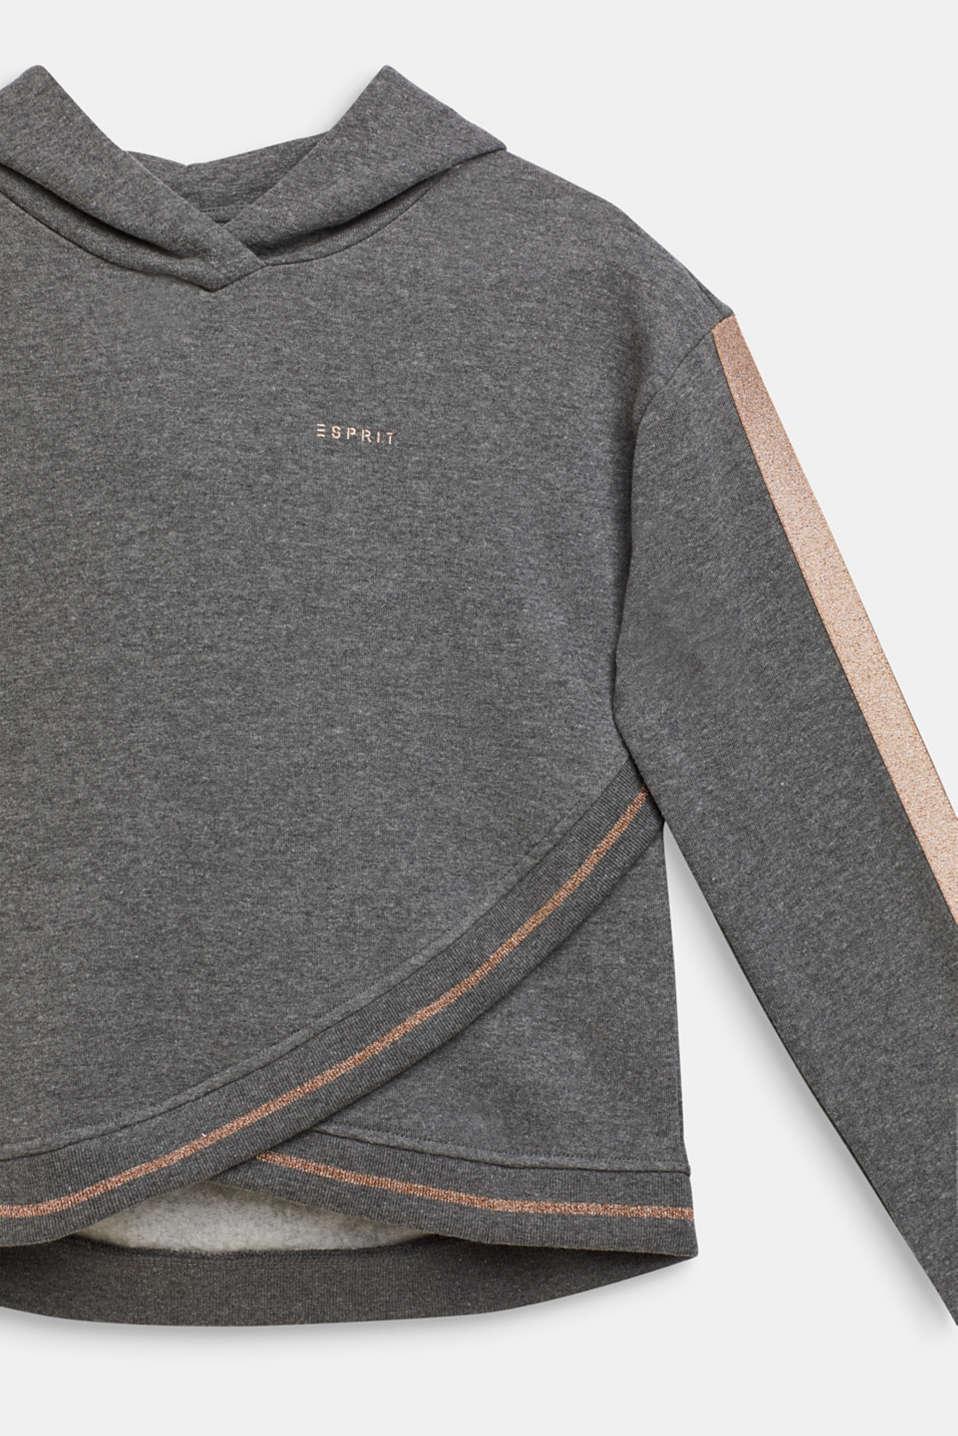 Sweatshirts, LCDARK HEATHER G, detail image number 2